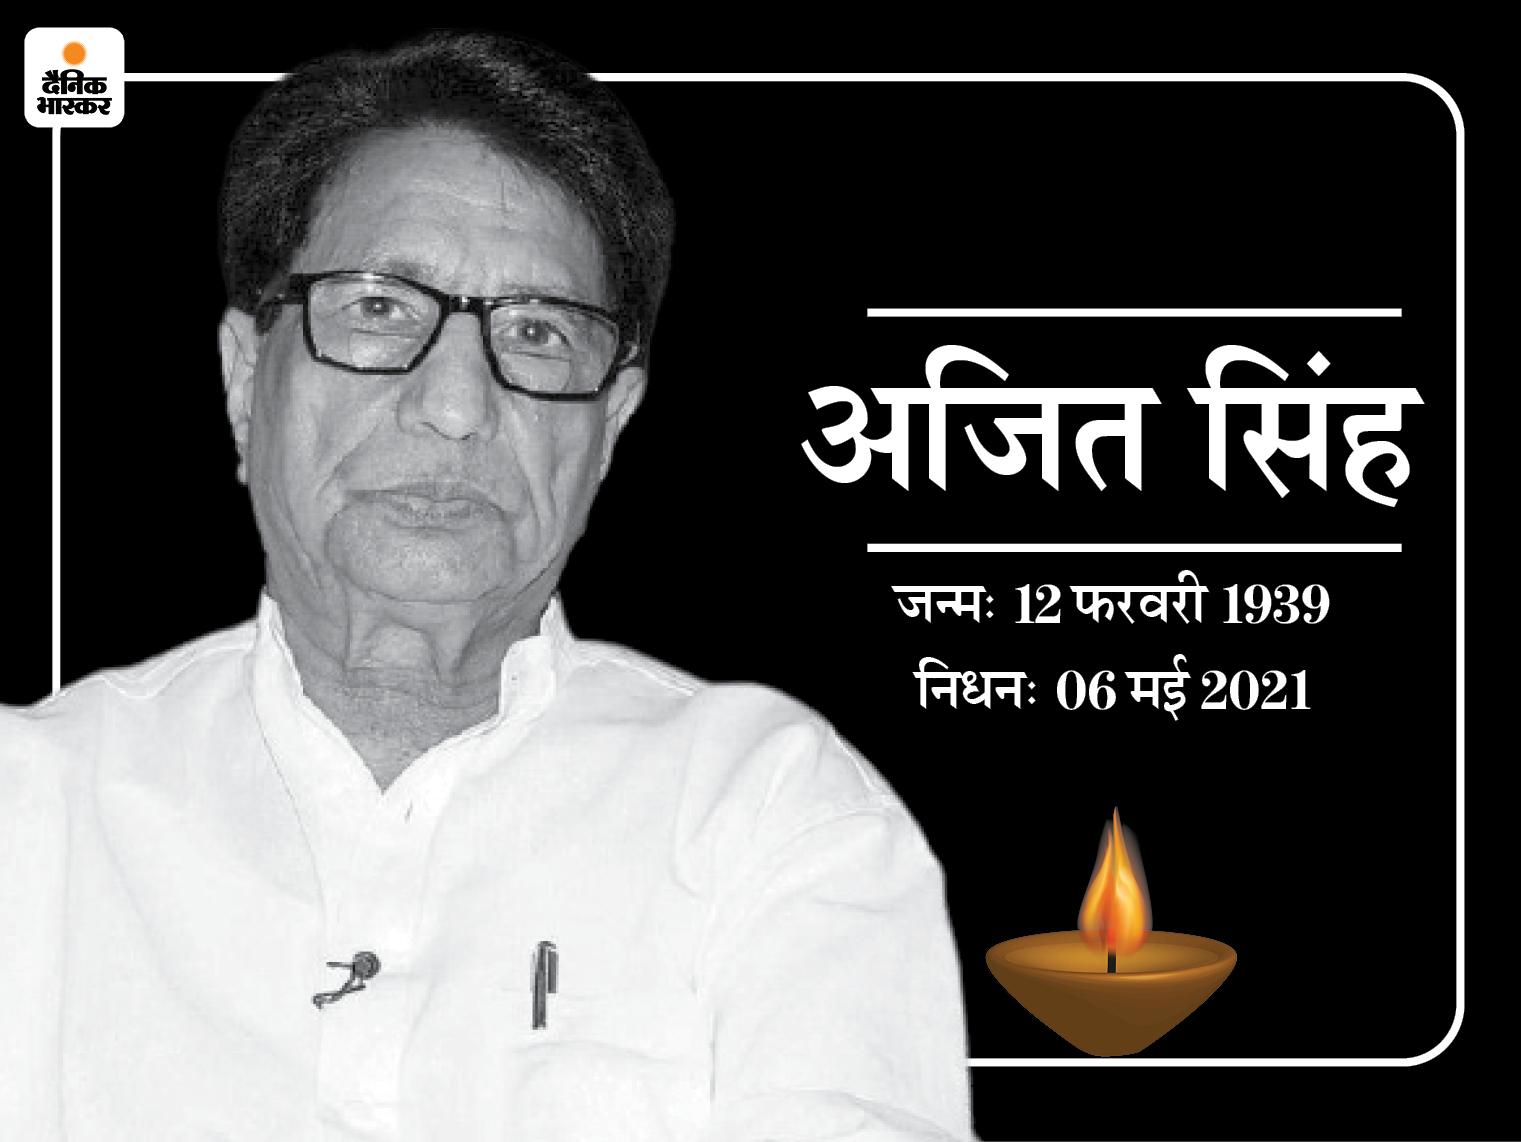 पूर्व केंद्रीय मंत्री चौधरी अजित सिंह का 82 साल की उम्र में निधन; 20 अप्रैल से कोरोना संक्रमित थे|उत्तरप्रदेश,Uttar Pradesh - Dainik Bhaskar